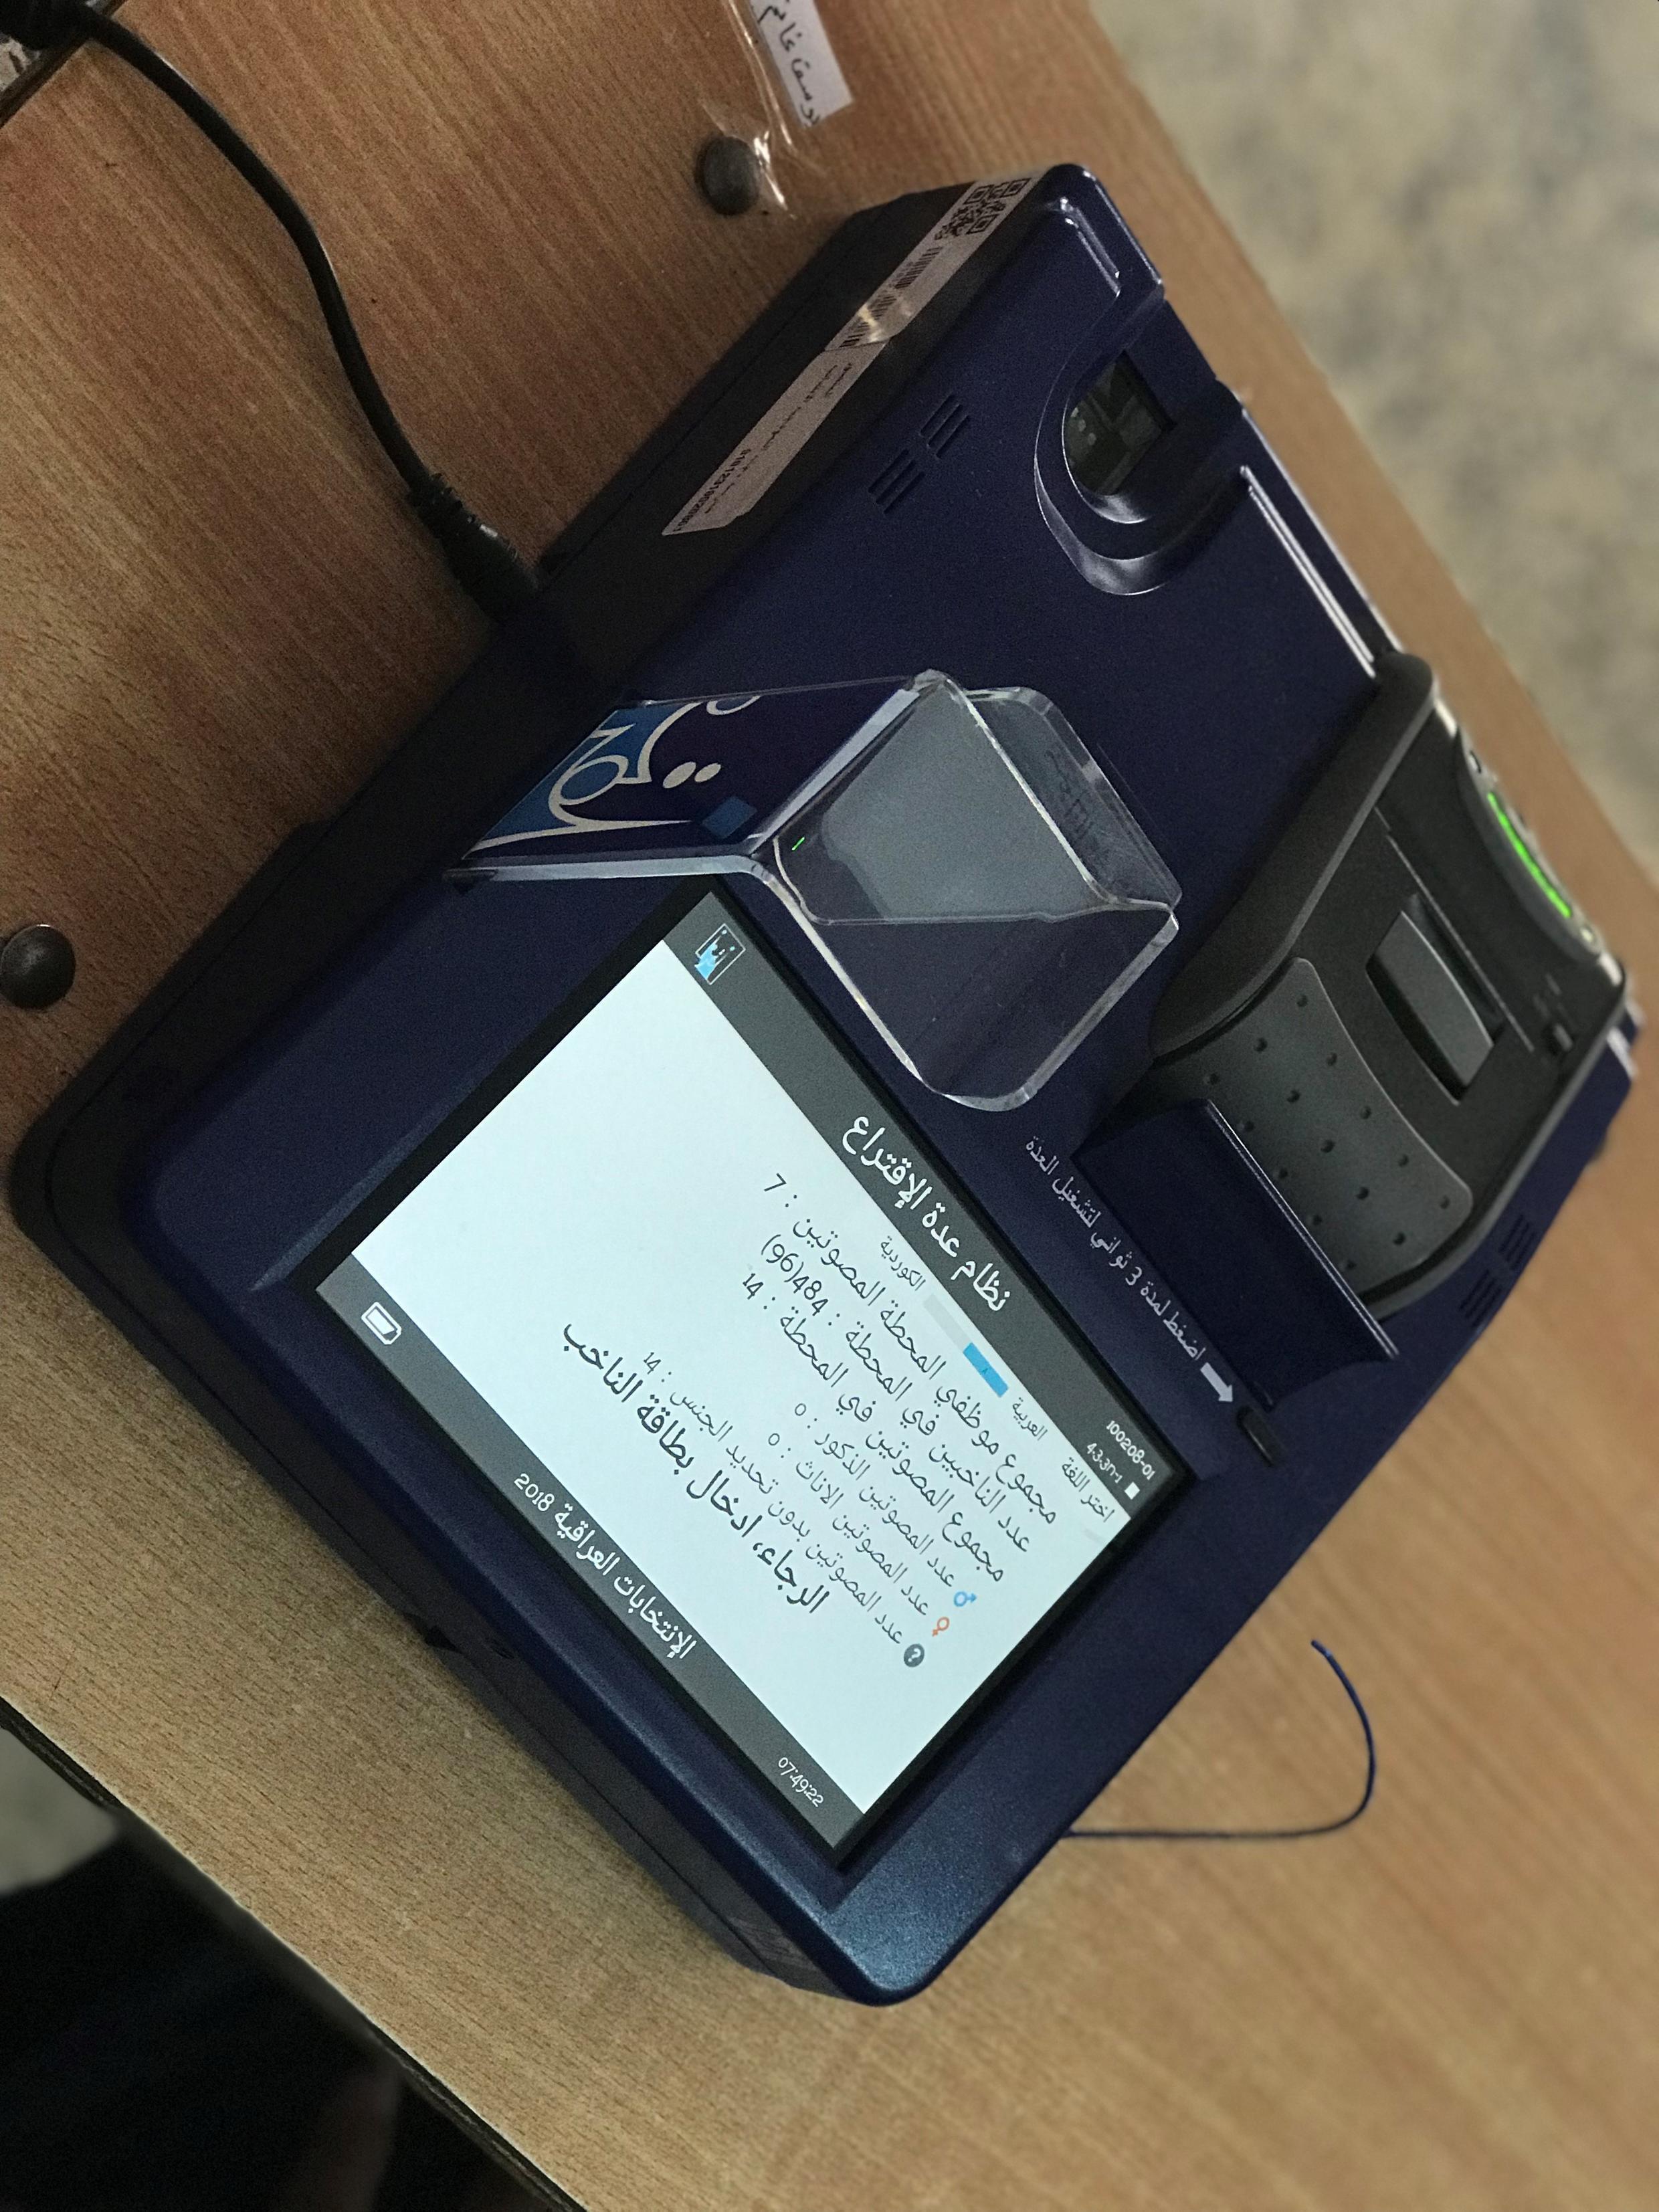 Pour la première fois, l'Irak utilise ce dispositif de vote électronique. Le vote s'est déroulé correctement, mais quelques dysfonctionnements ont été enregistrés.